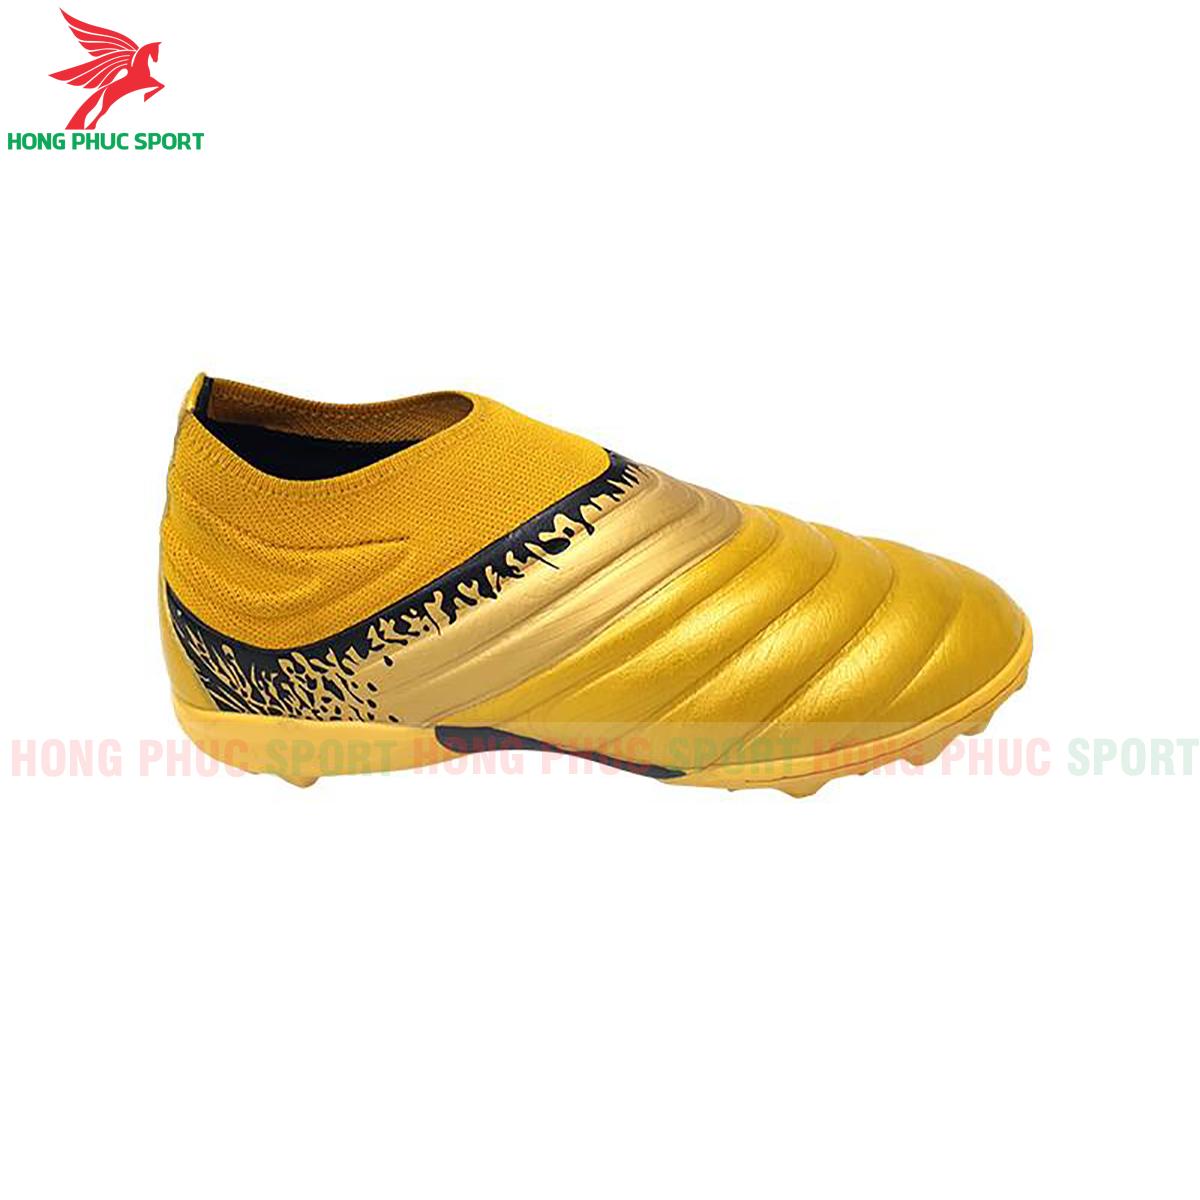 Giày Mira Winner sân cỏ nhân tạo màu vàng (phải)